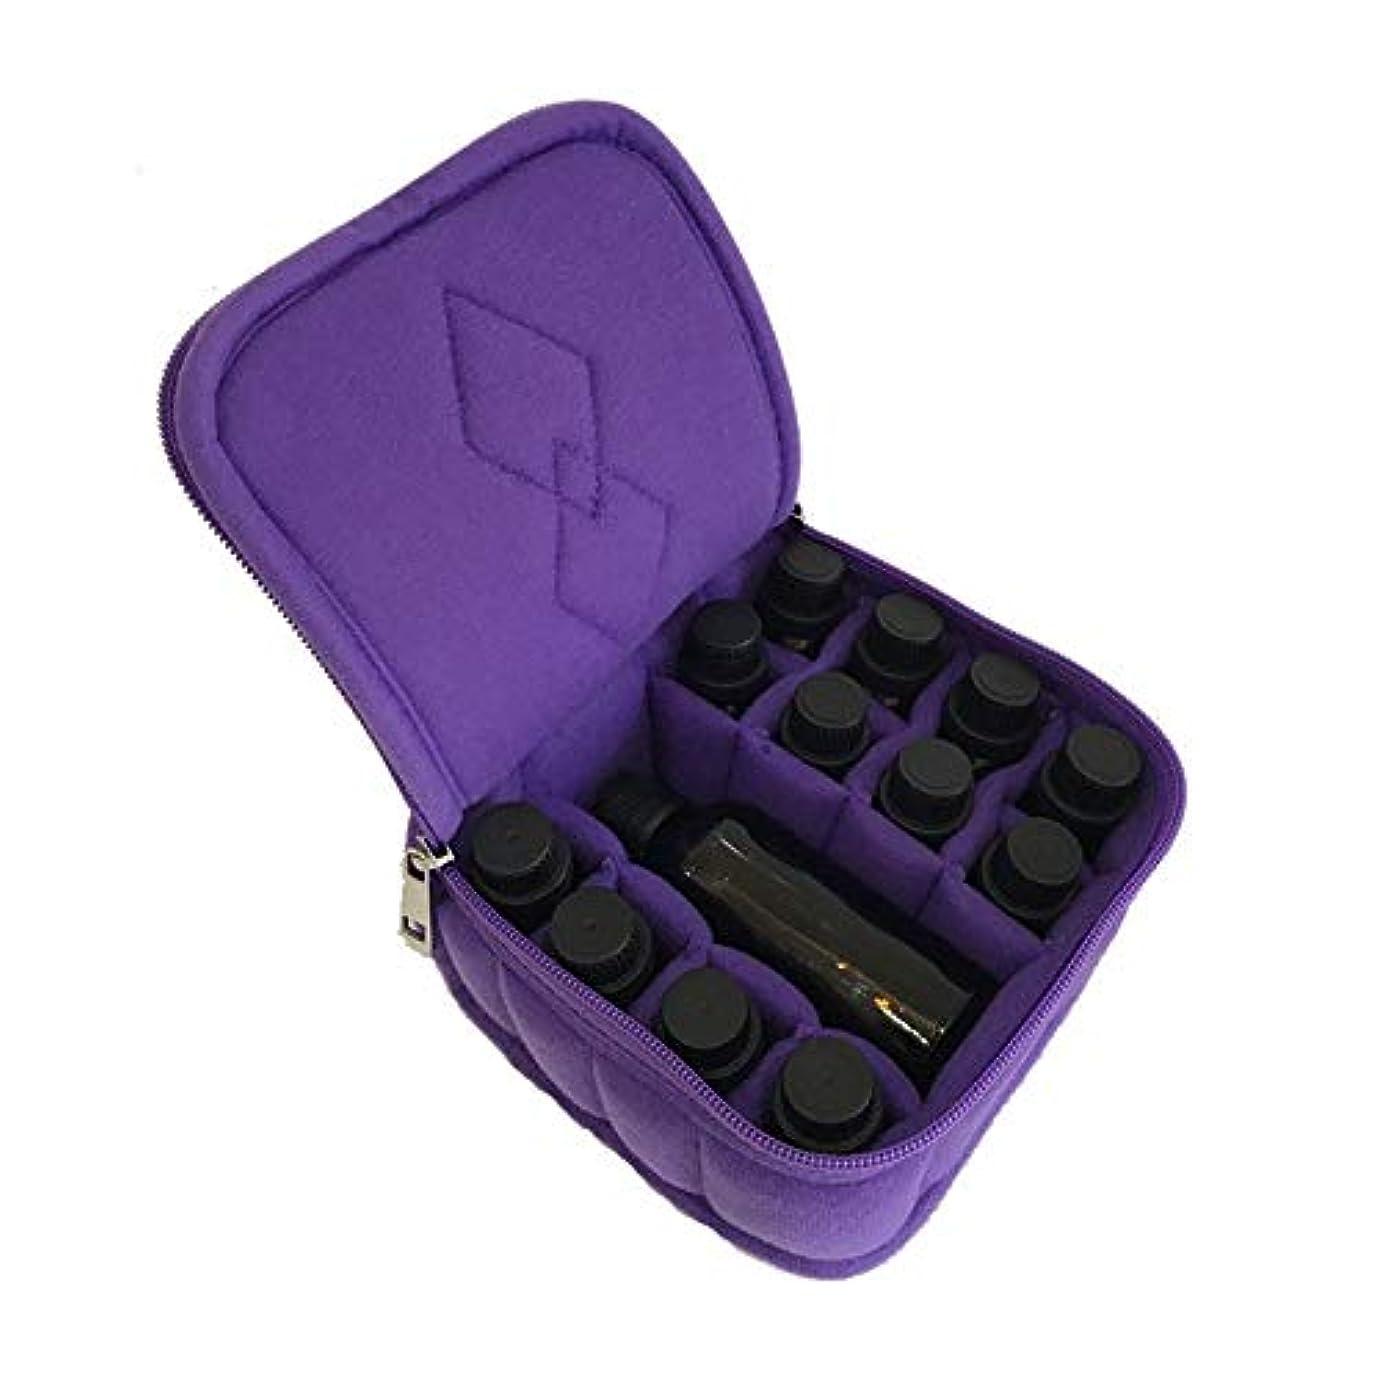 運営の前で冊子エッセンシャルオイルボックス 12個のスロットオイルレザーハードシェル外部ストレージ組織と外部ストレージ統合袋 アロマセラピー収納ボックス (色 : 紫の, サイズ : 15X15X8CM)